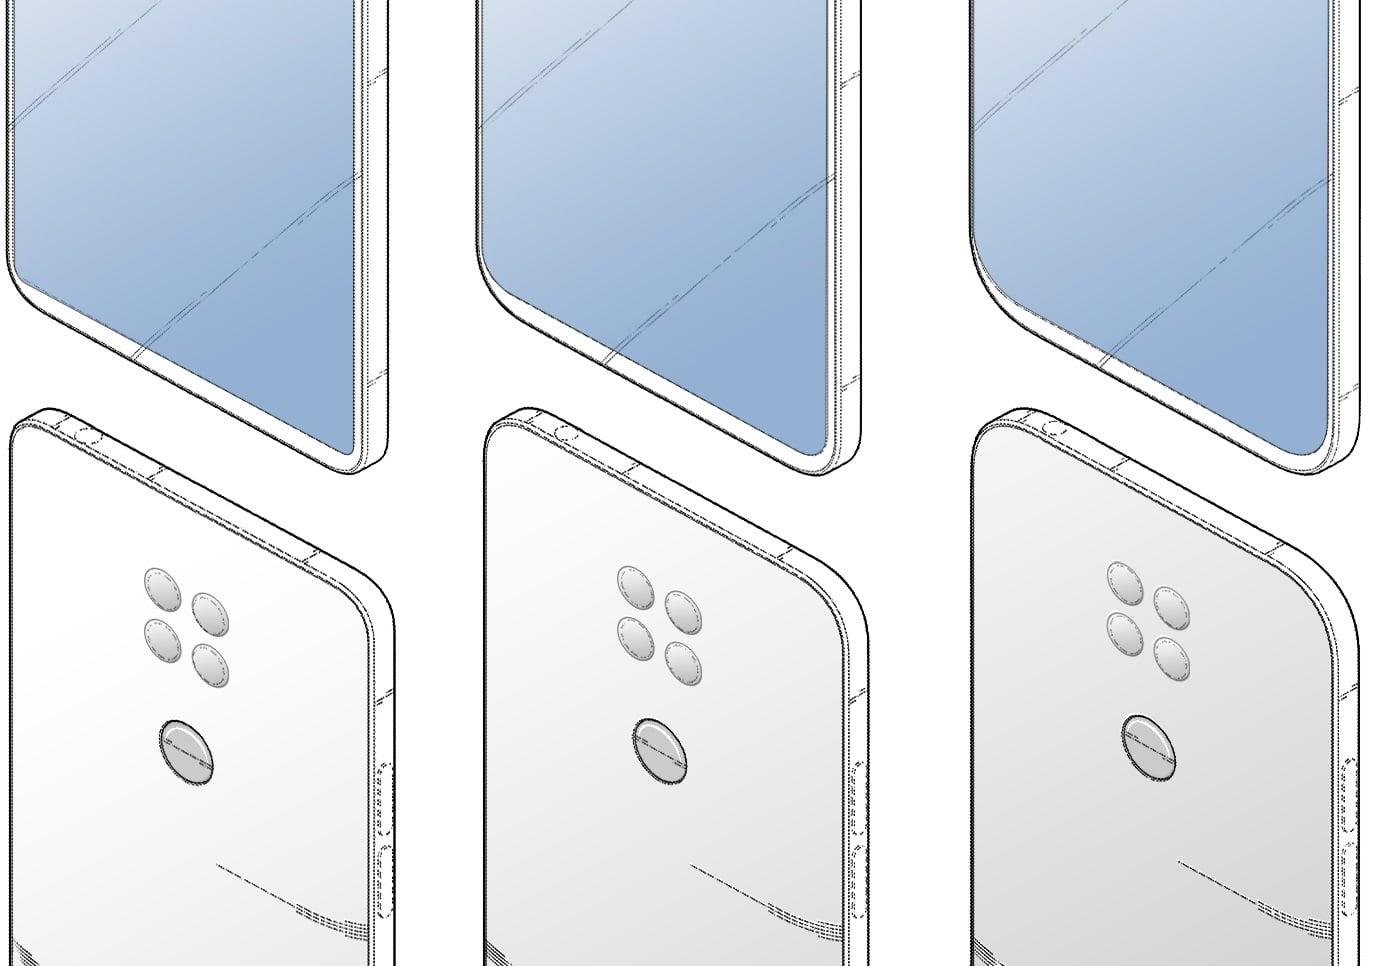 LG może wyeliminować notche ze swoich smartfonów i pomnożyć liczbę aparatów. Sugeruje to nowy patent firmy 24